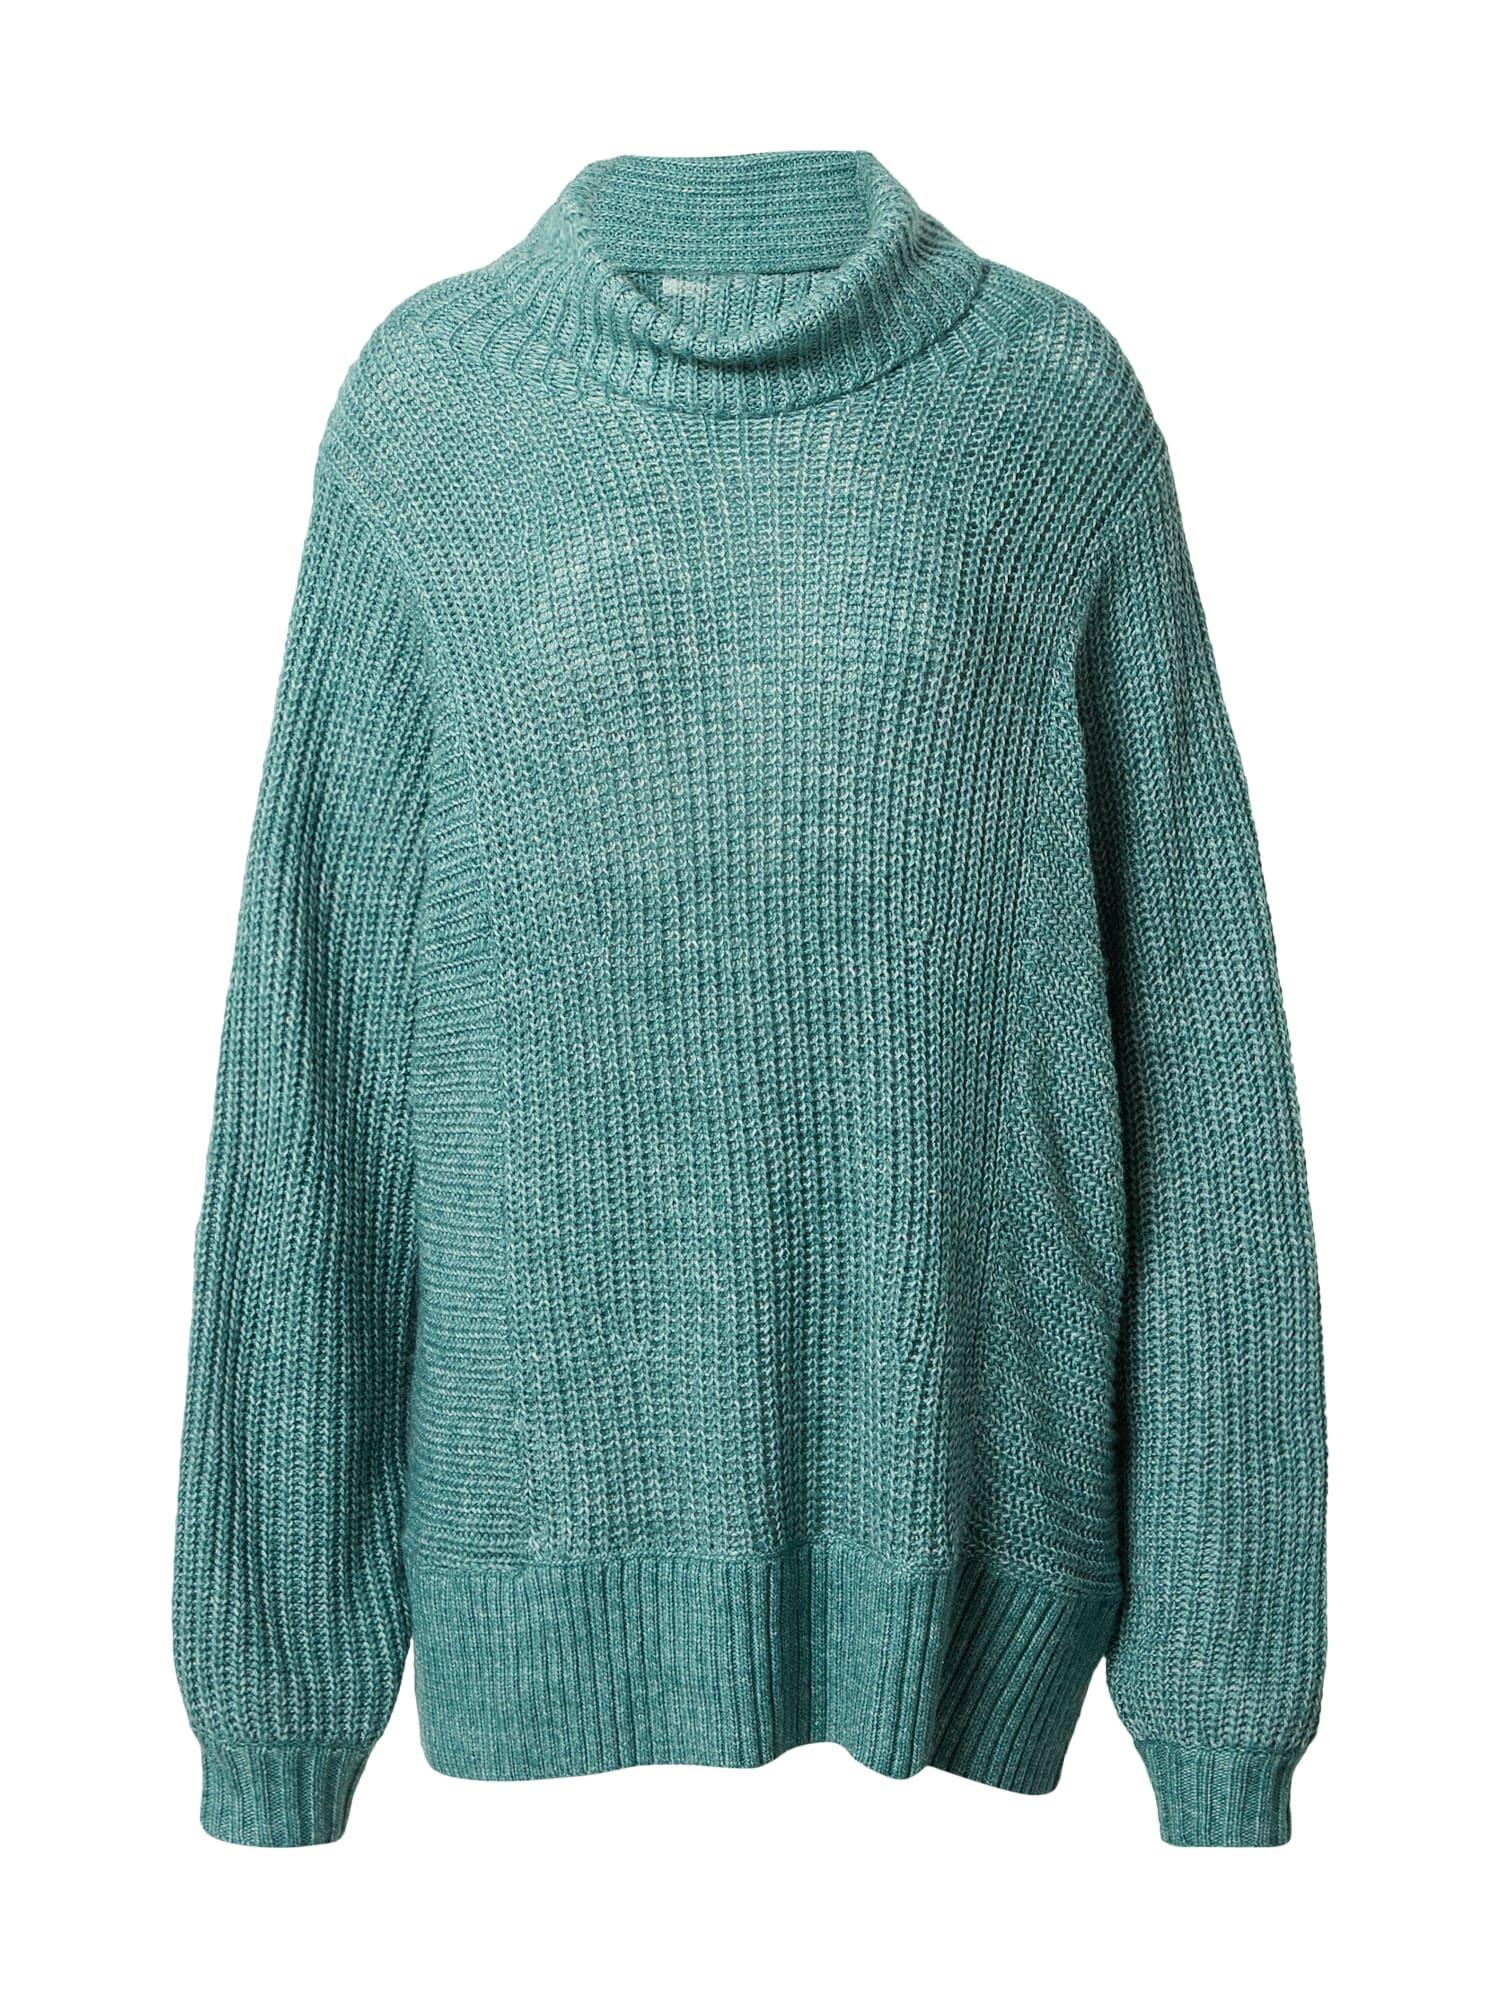 American Eagle Laisvas megztinis margai žalia